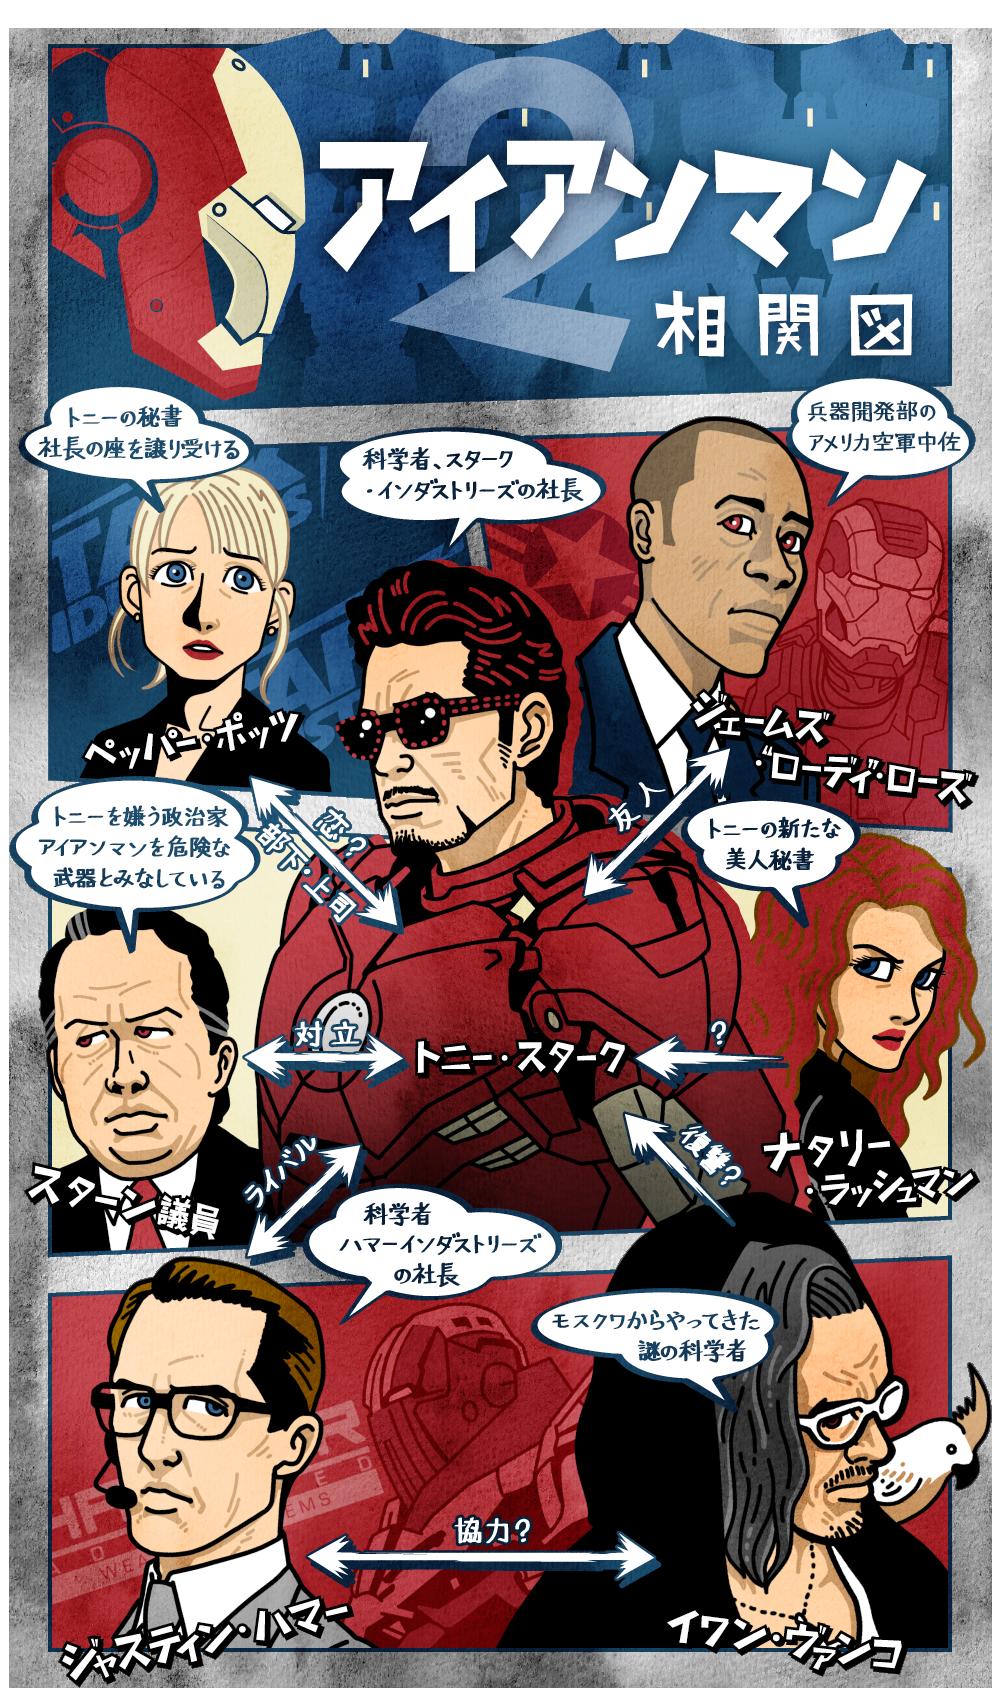 アイアンマン2の人物相関図